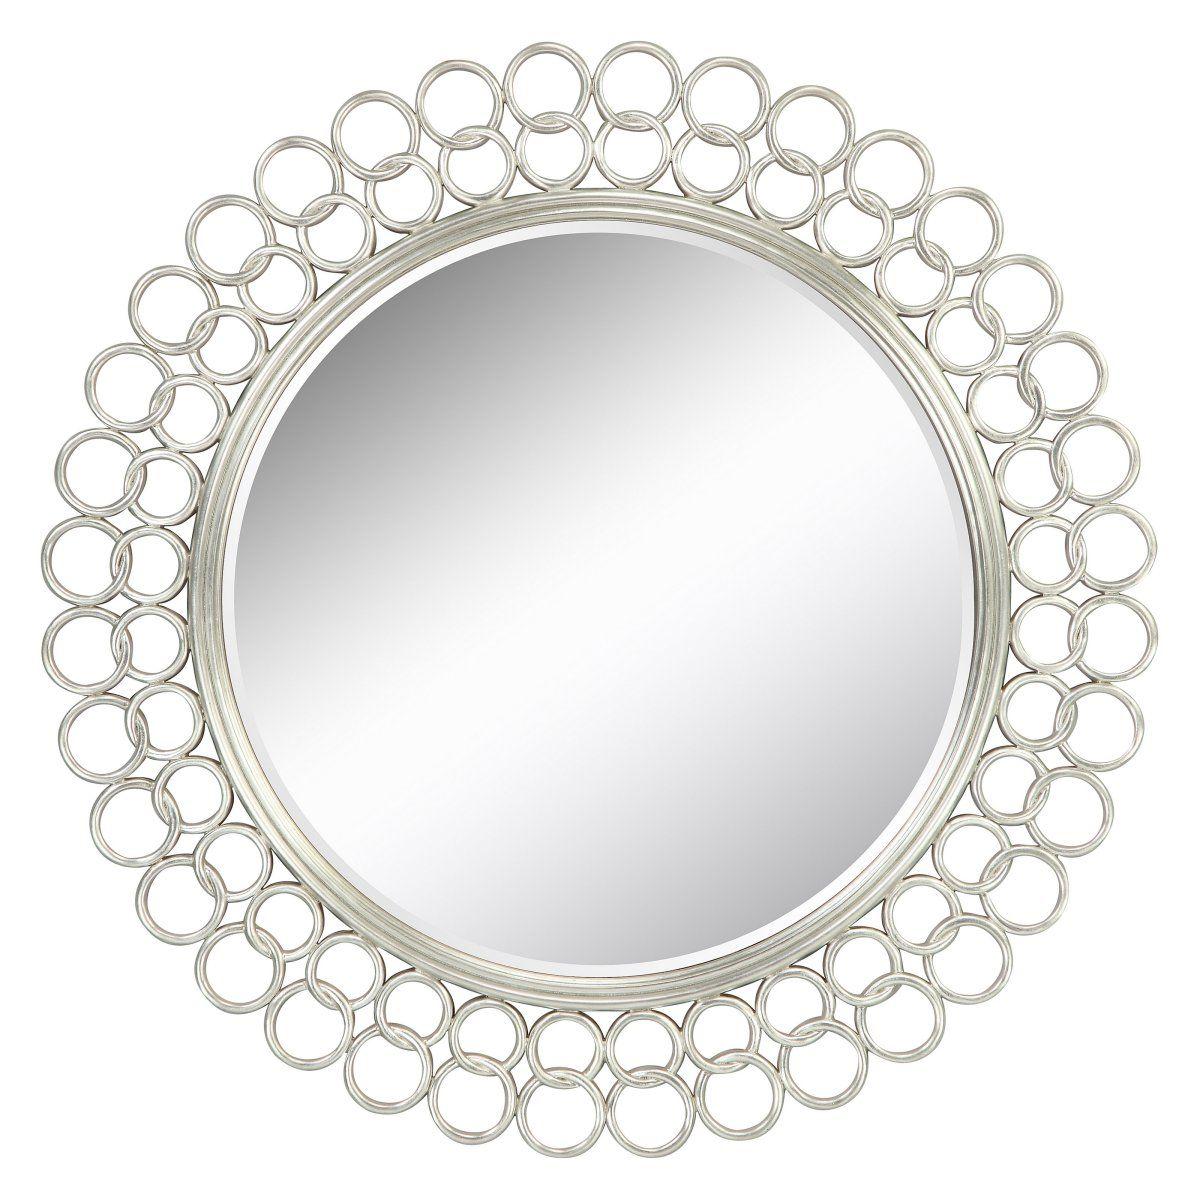 Salina Circles Decorative Mirror 42 Diam Wall Mirrors At